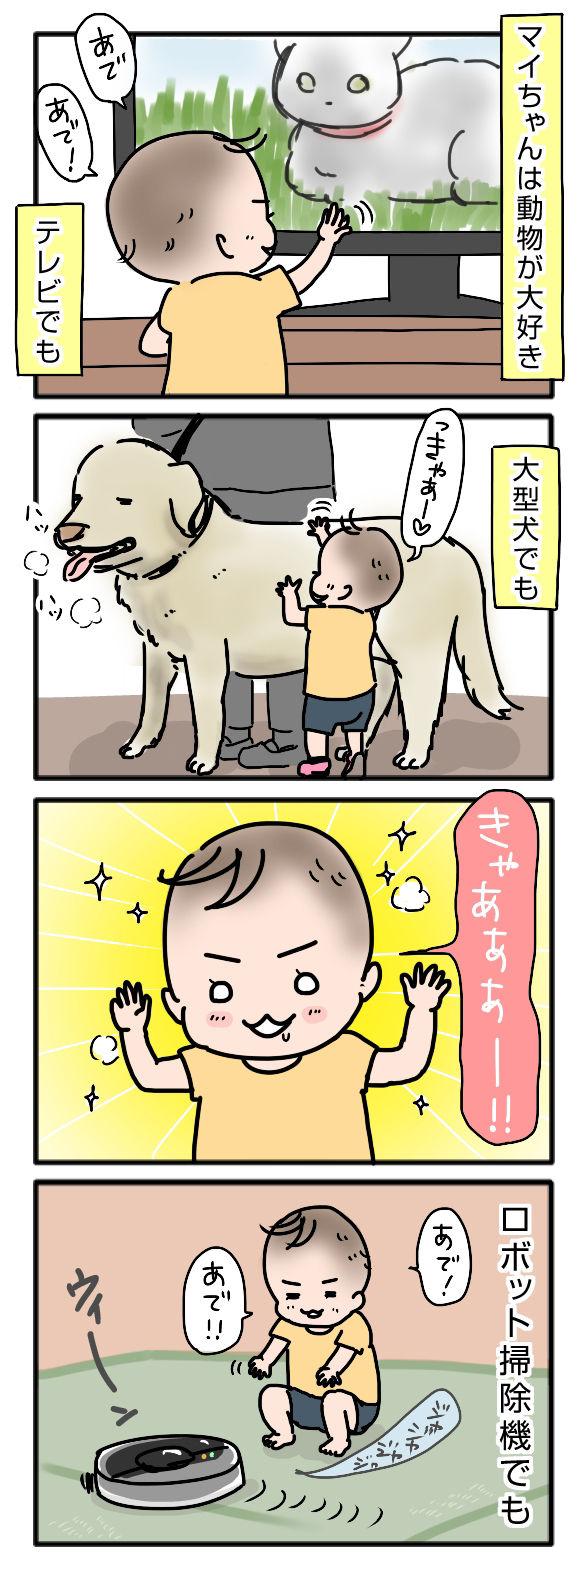 動物が好き